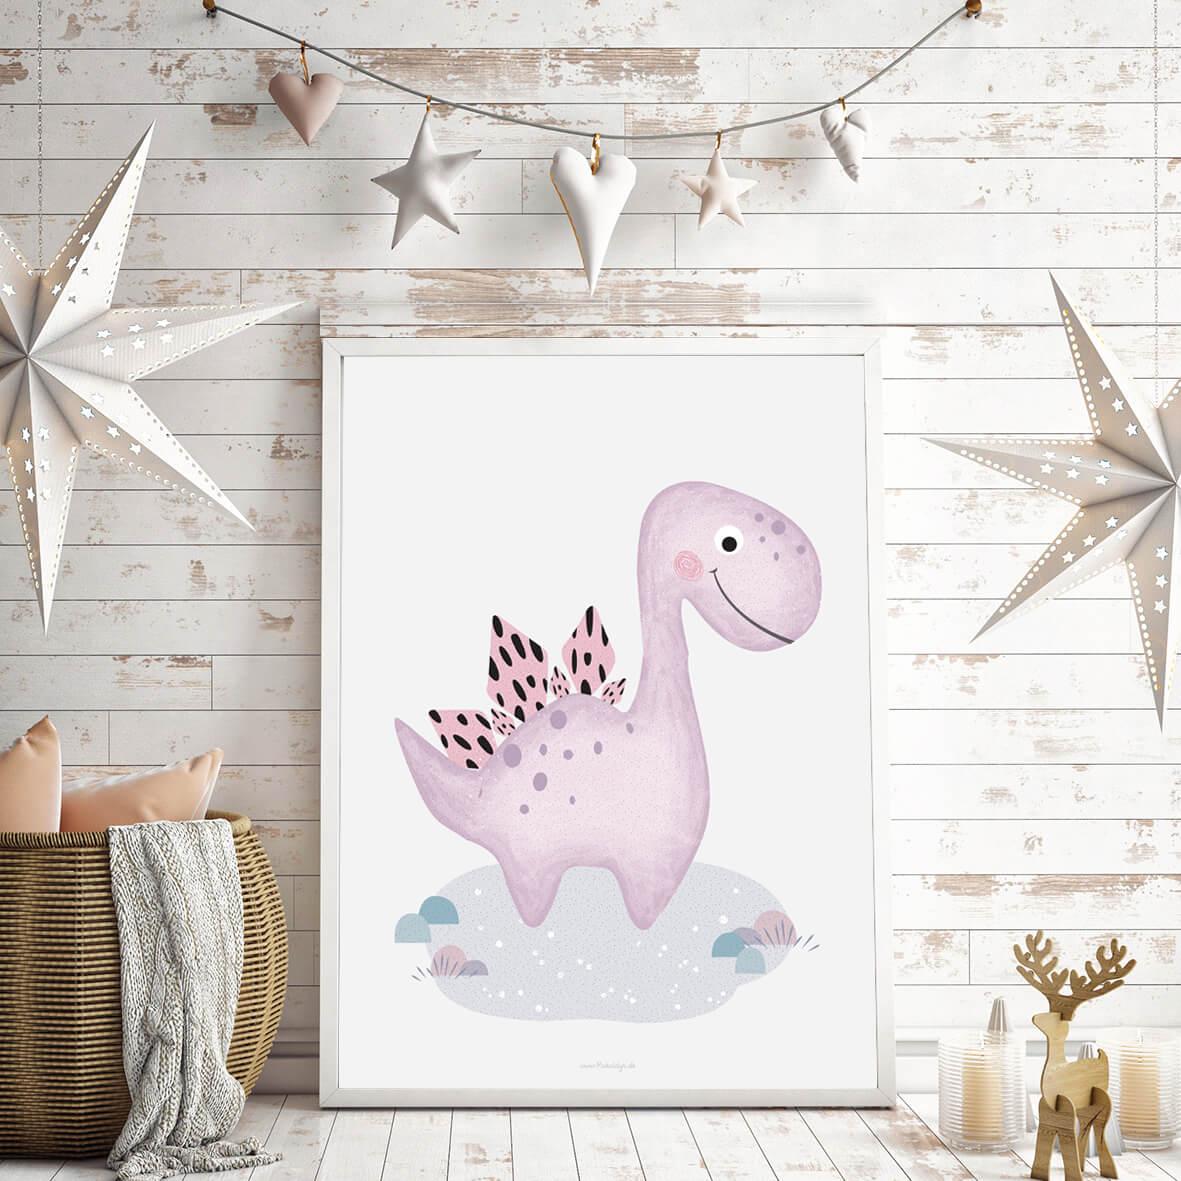 dinosaur-plakat-2